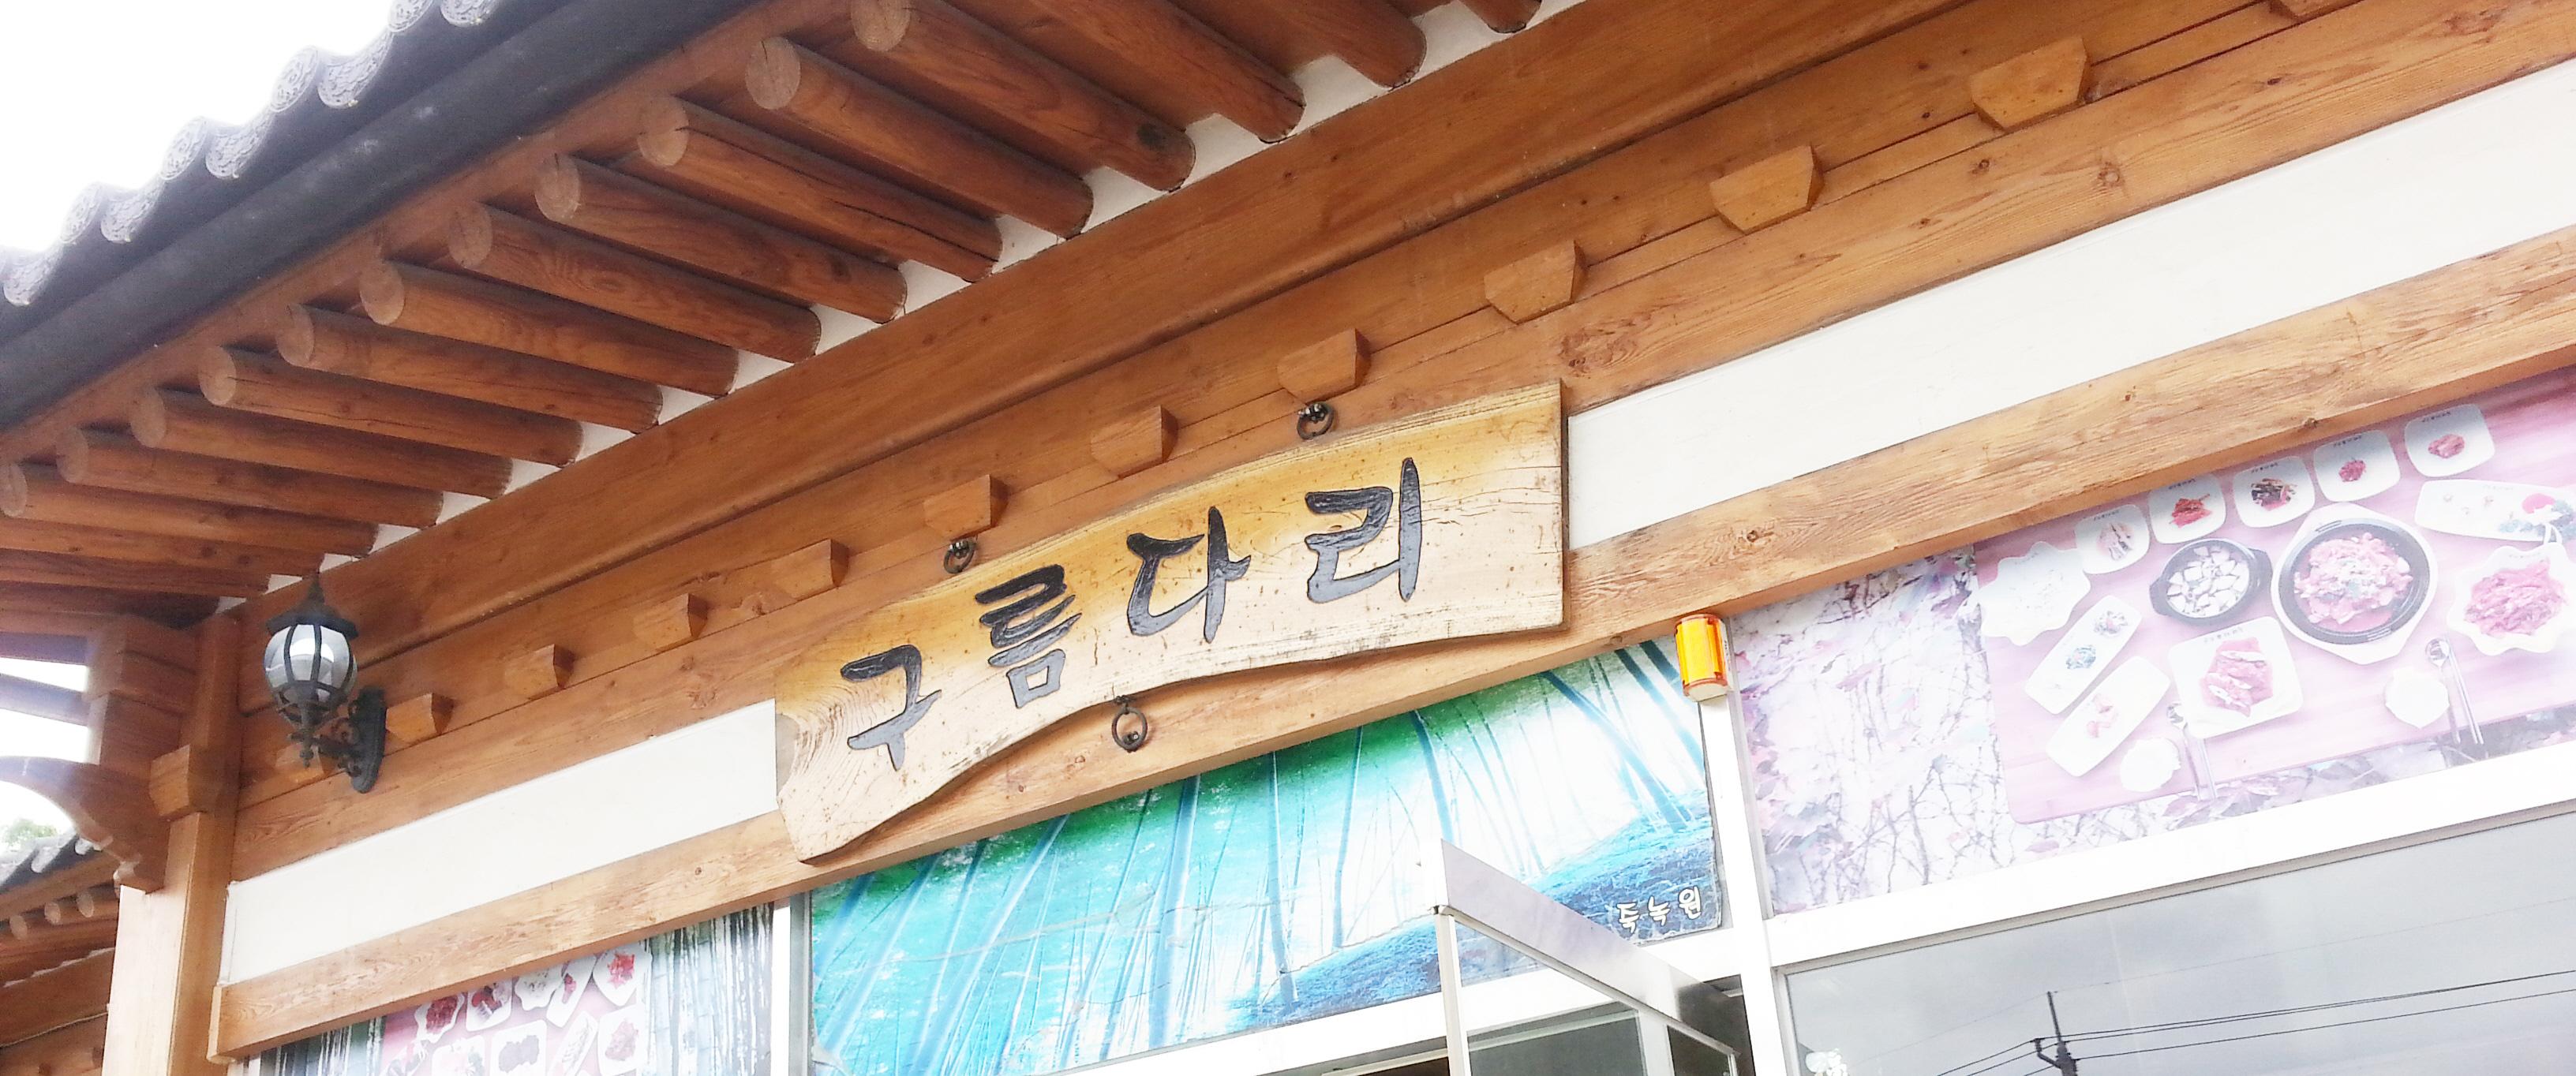 [담양/정식] 대통밥정식 - 구름다리